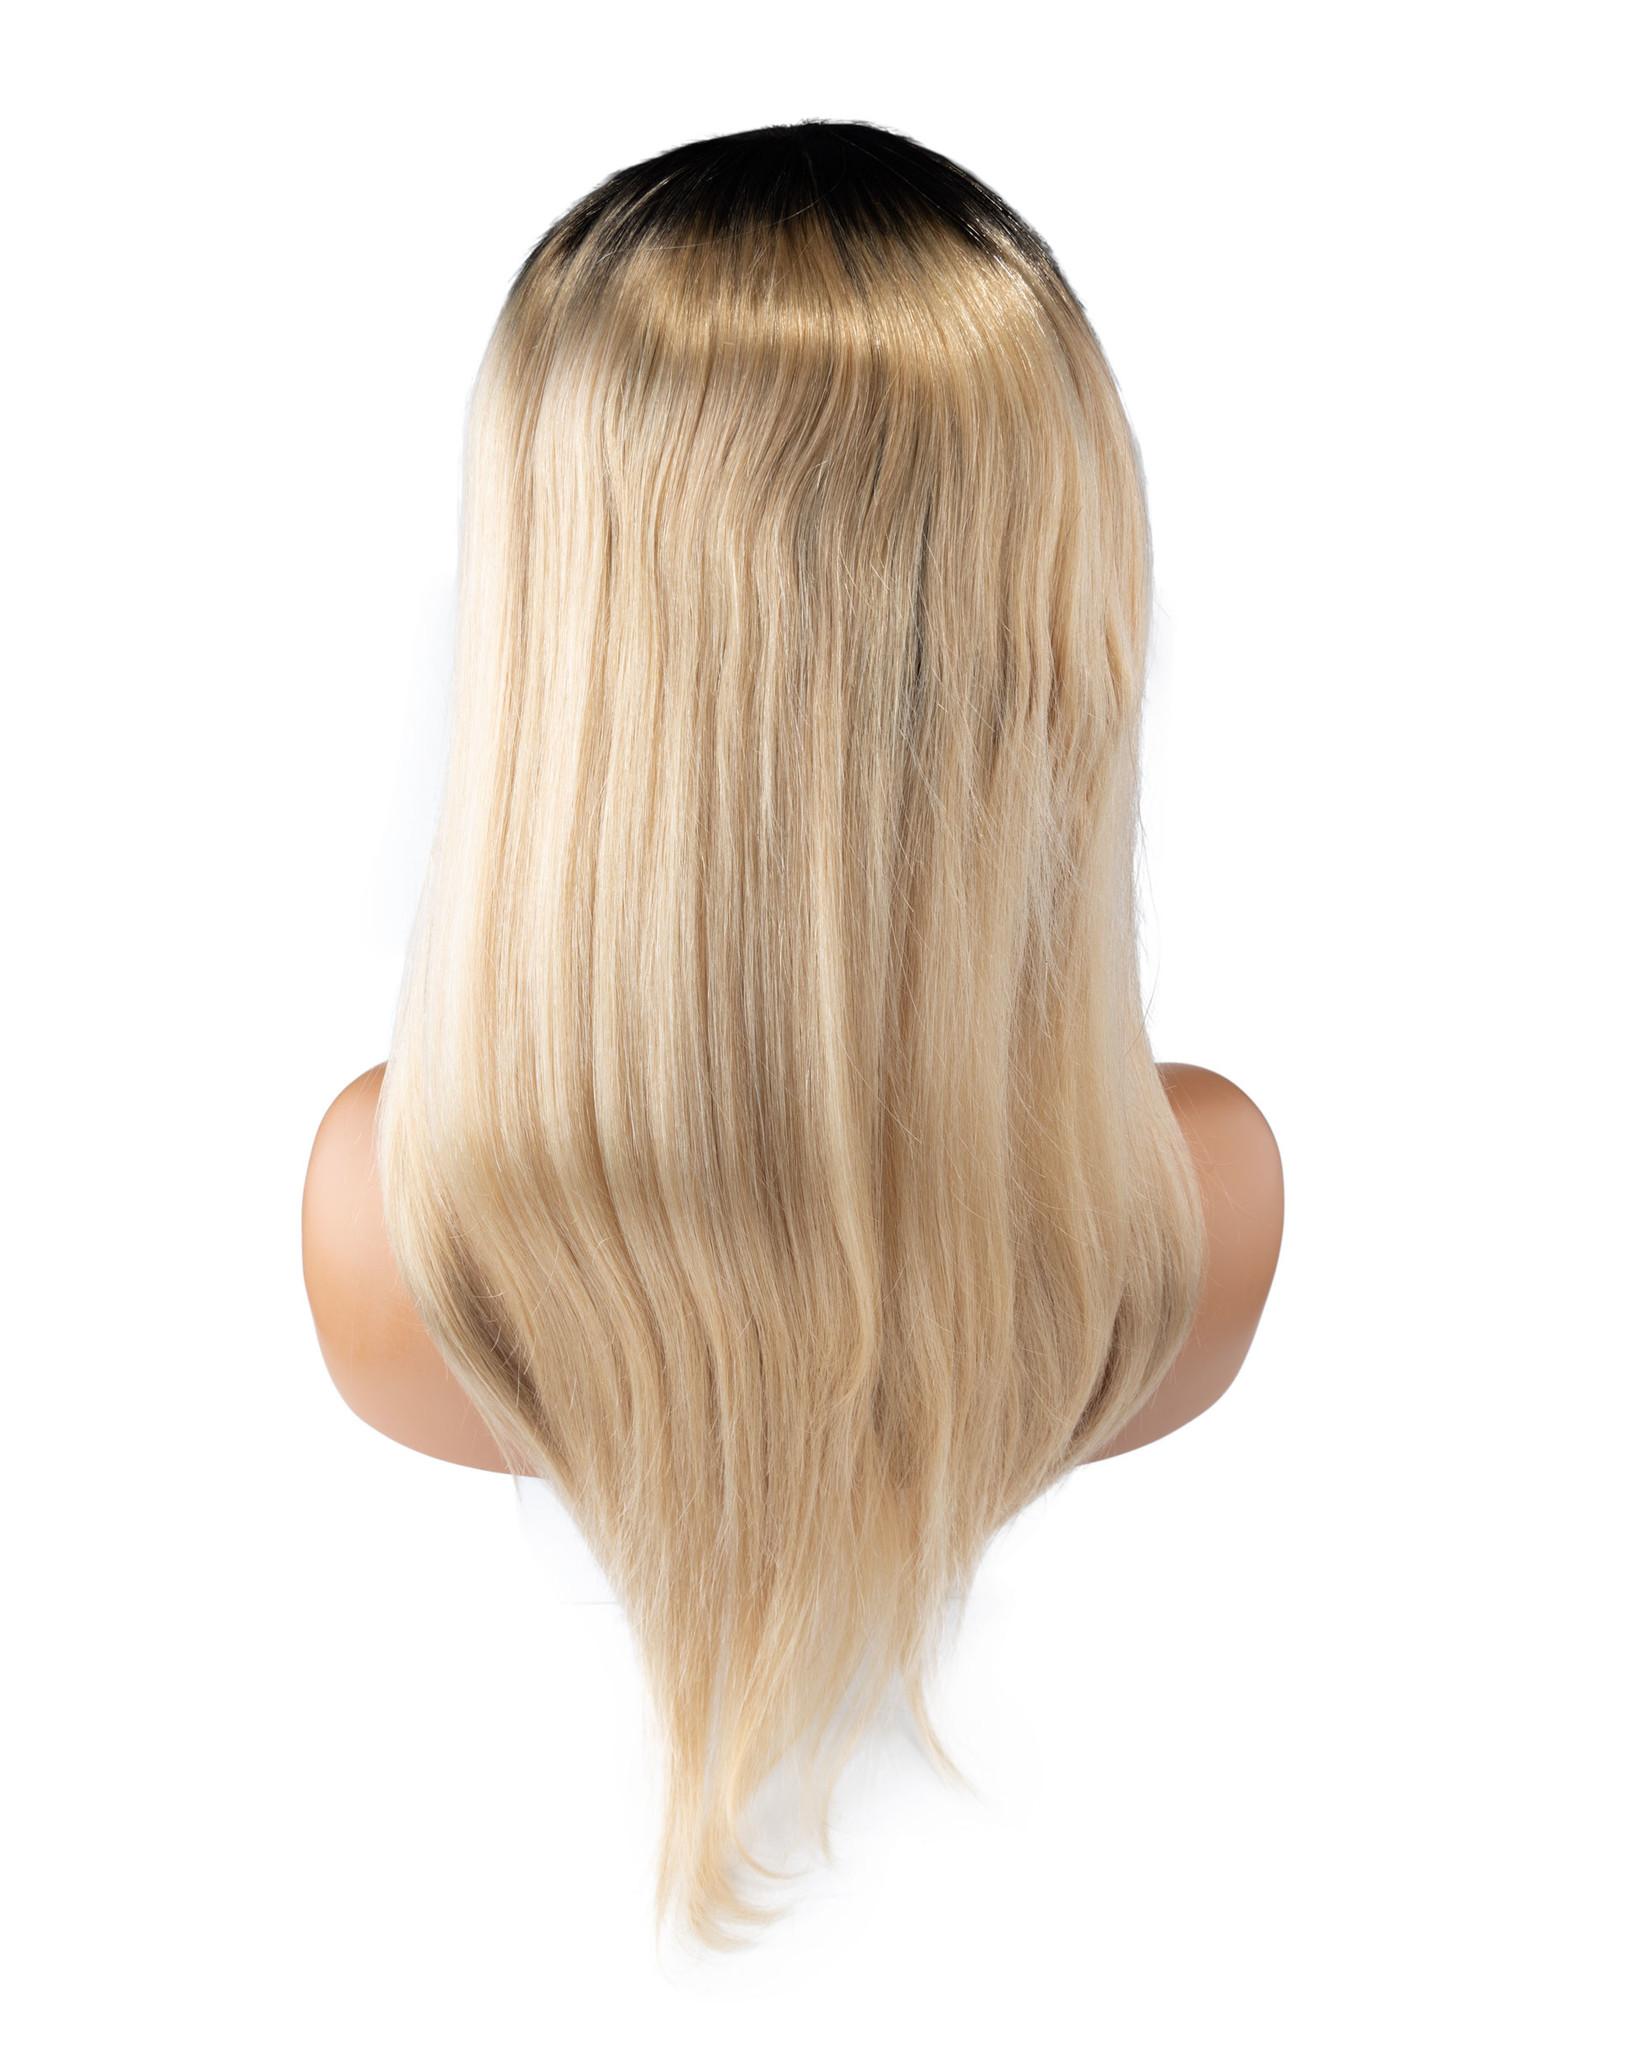 Shri SilverFox Shri Front Lace  Wig  - Roots #1b/613